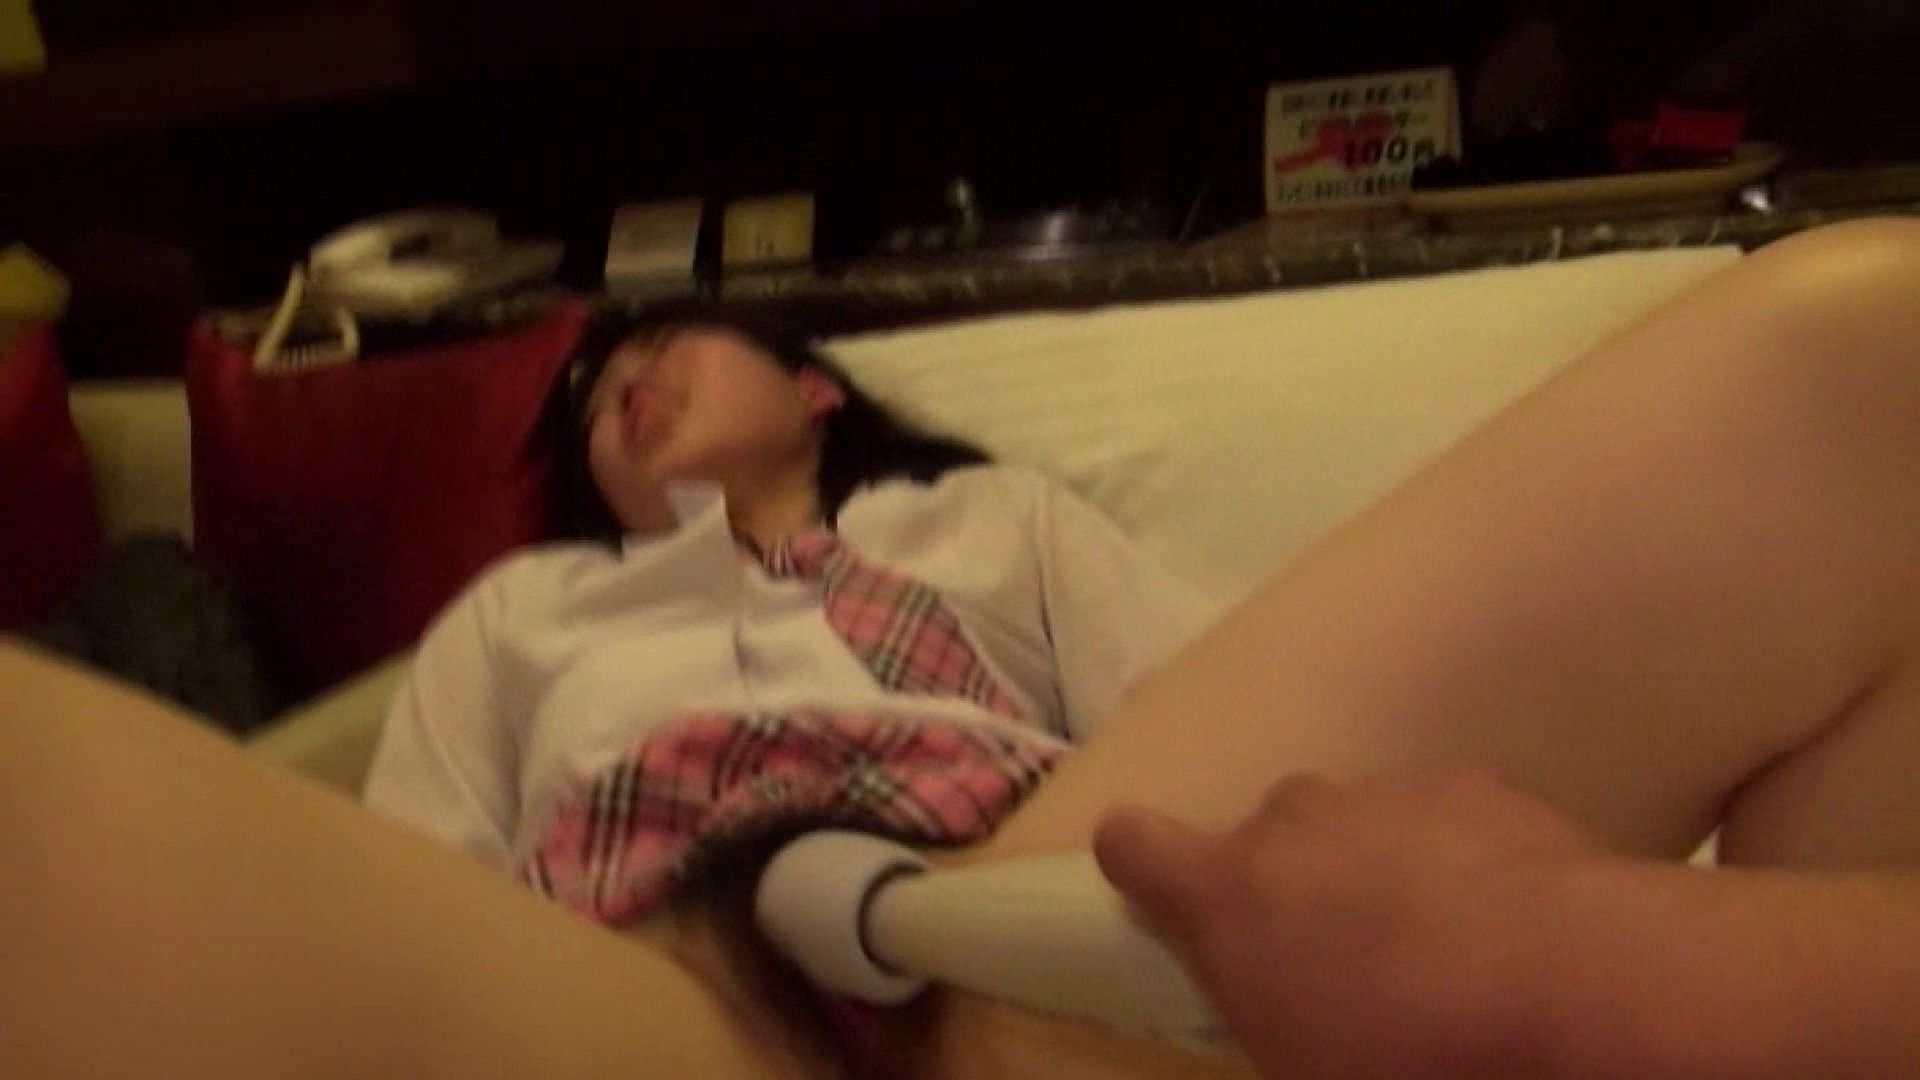 S級厳選美女ビッチガールVol.49 前編 美女エロ画像 おまんこ無修正動画無料 55PICs 7